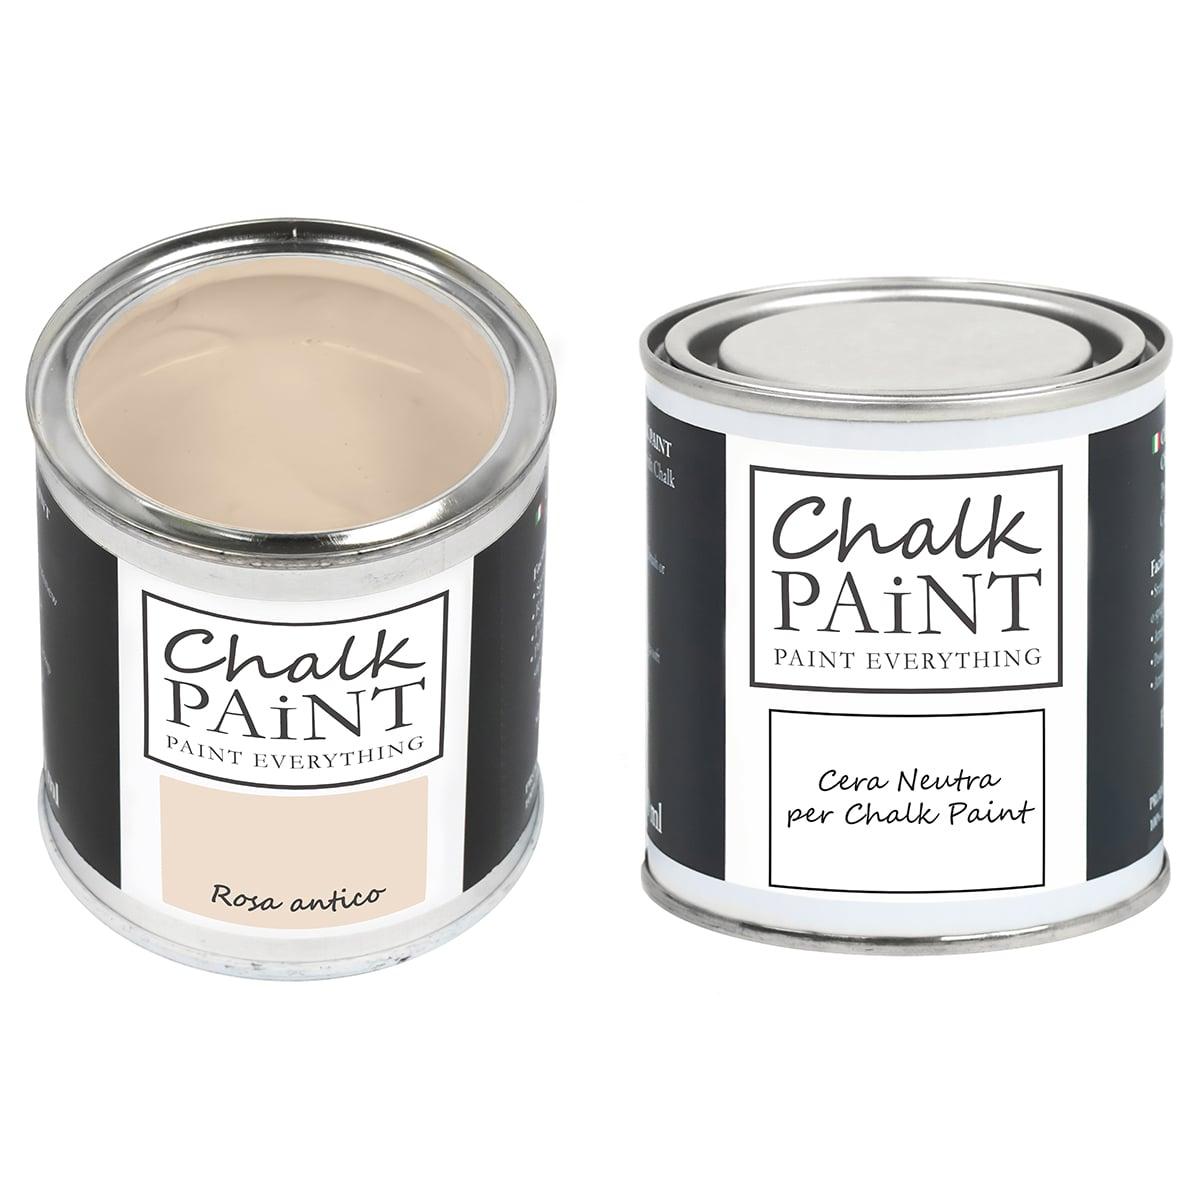 Rosa antico Chalk paint e cera in offerta decora facile con paint magic